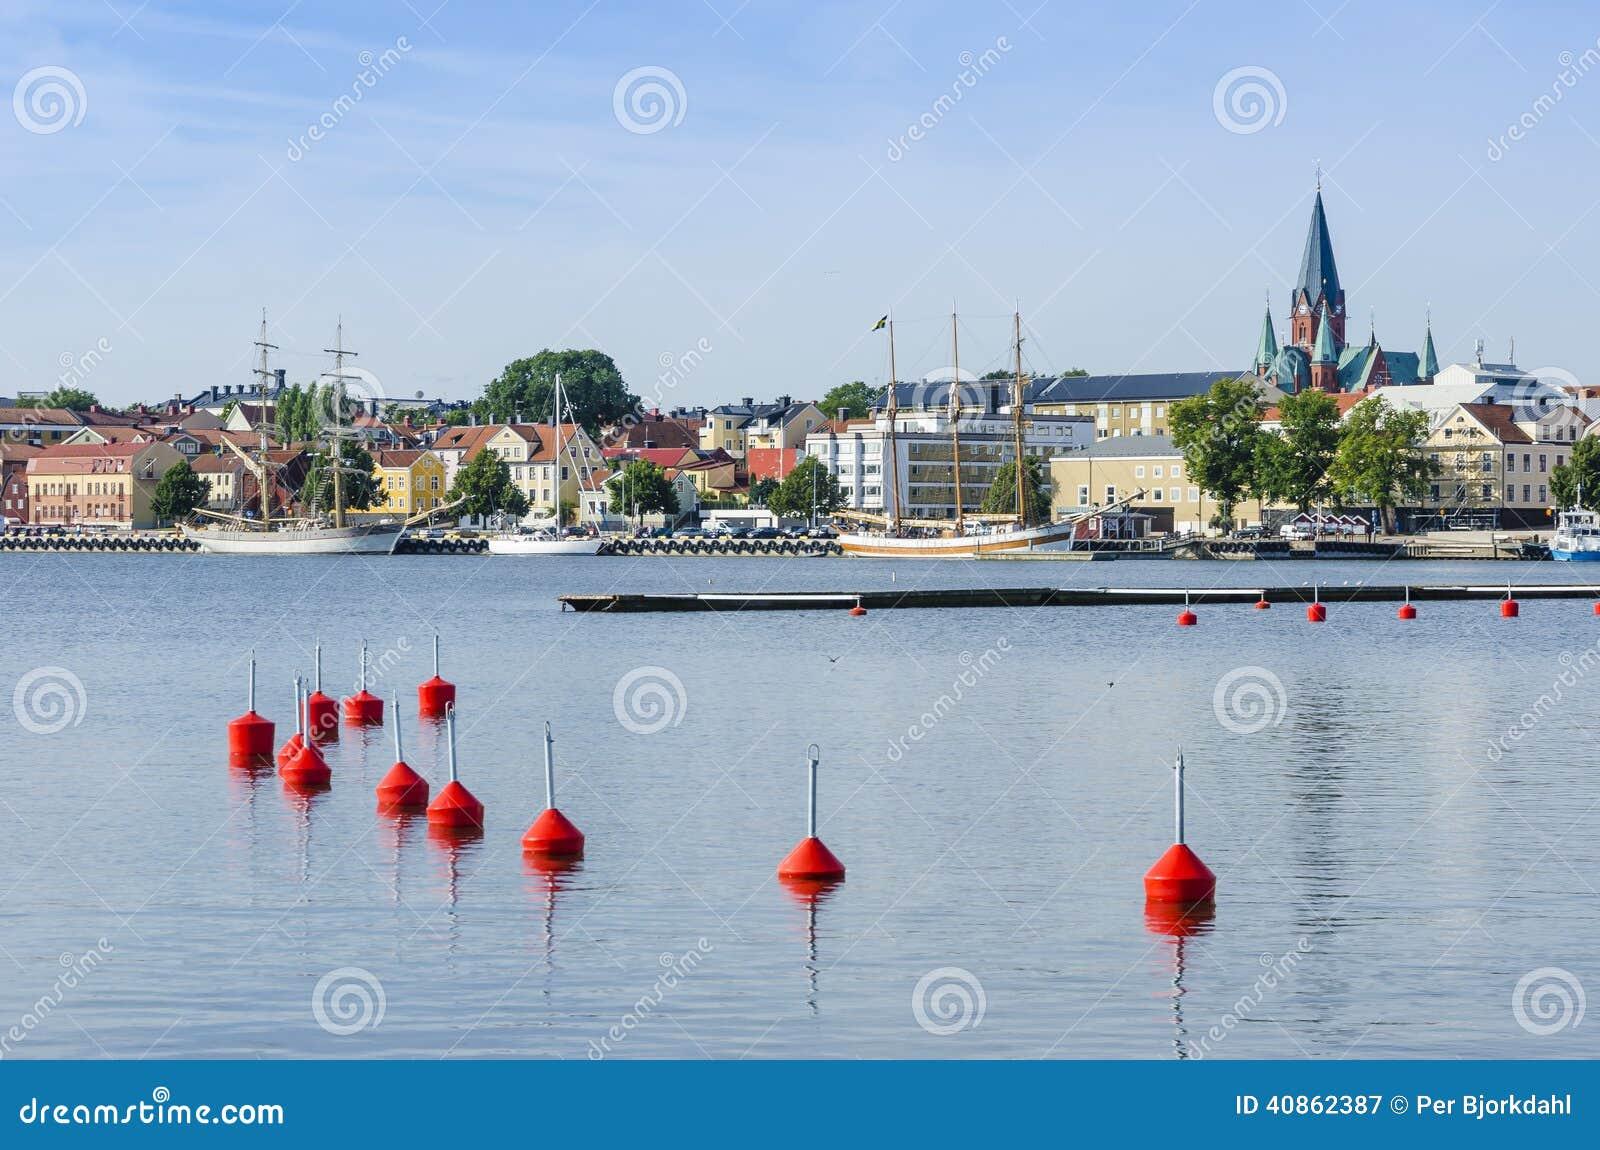 De haven van Vastervik van de stadsmening